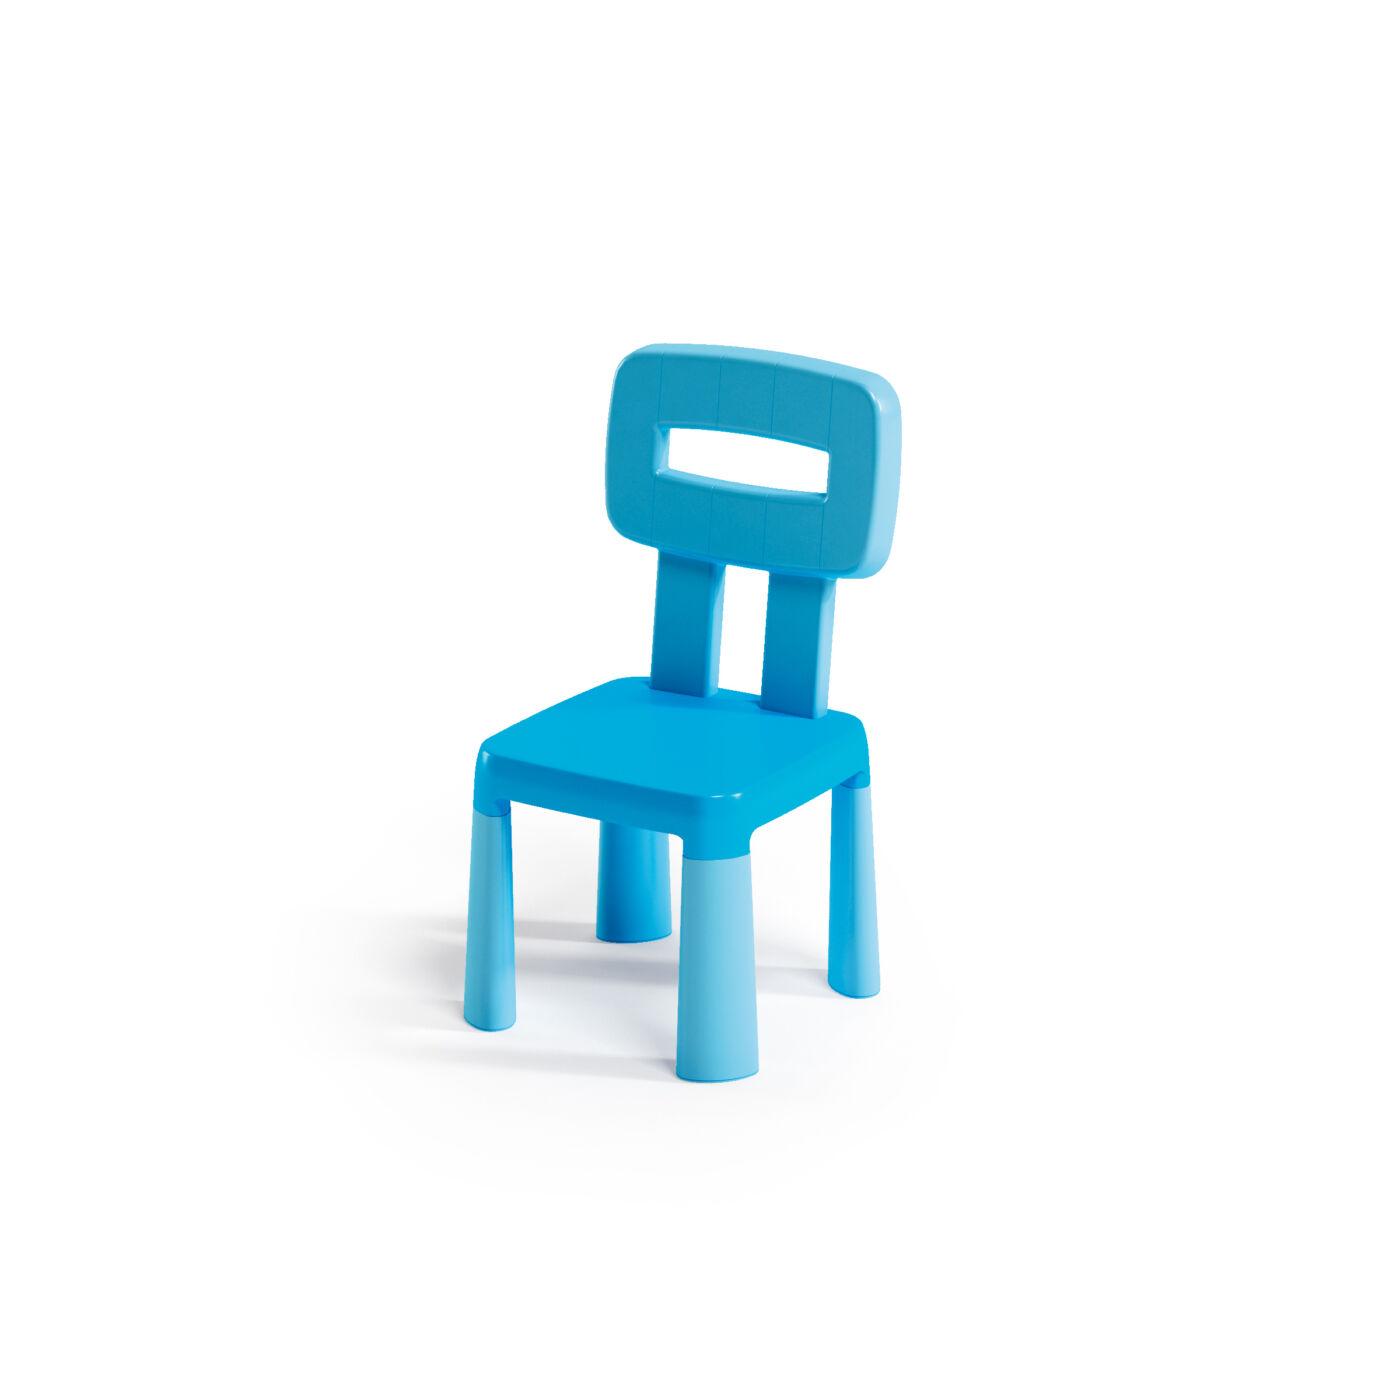 Műanyag gyermekszék kék